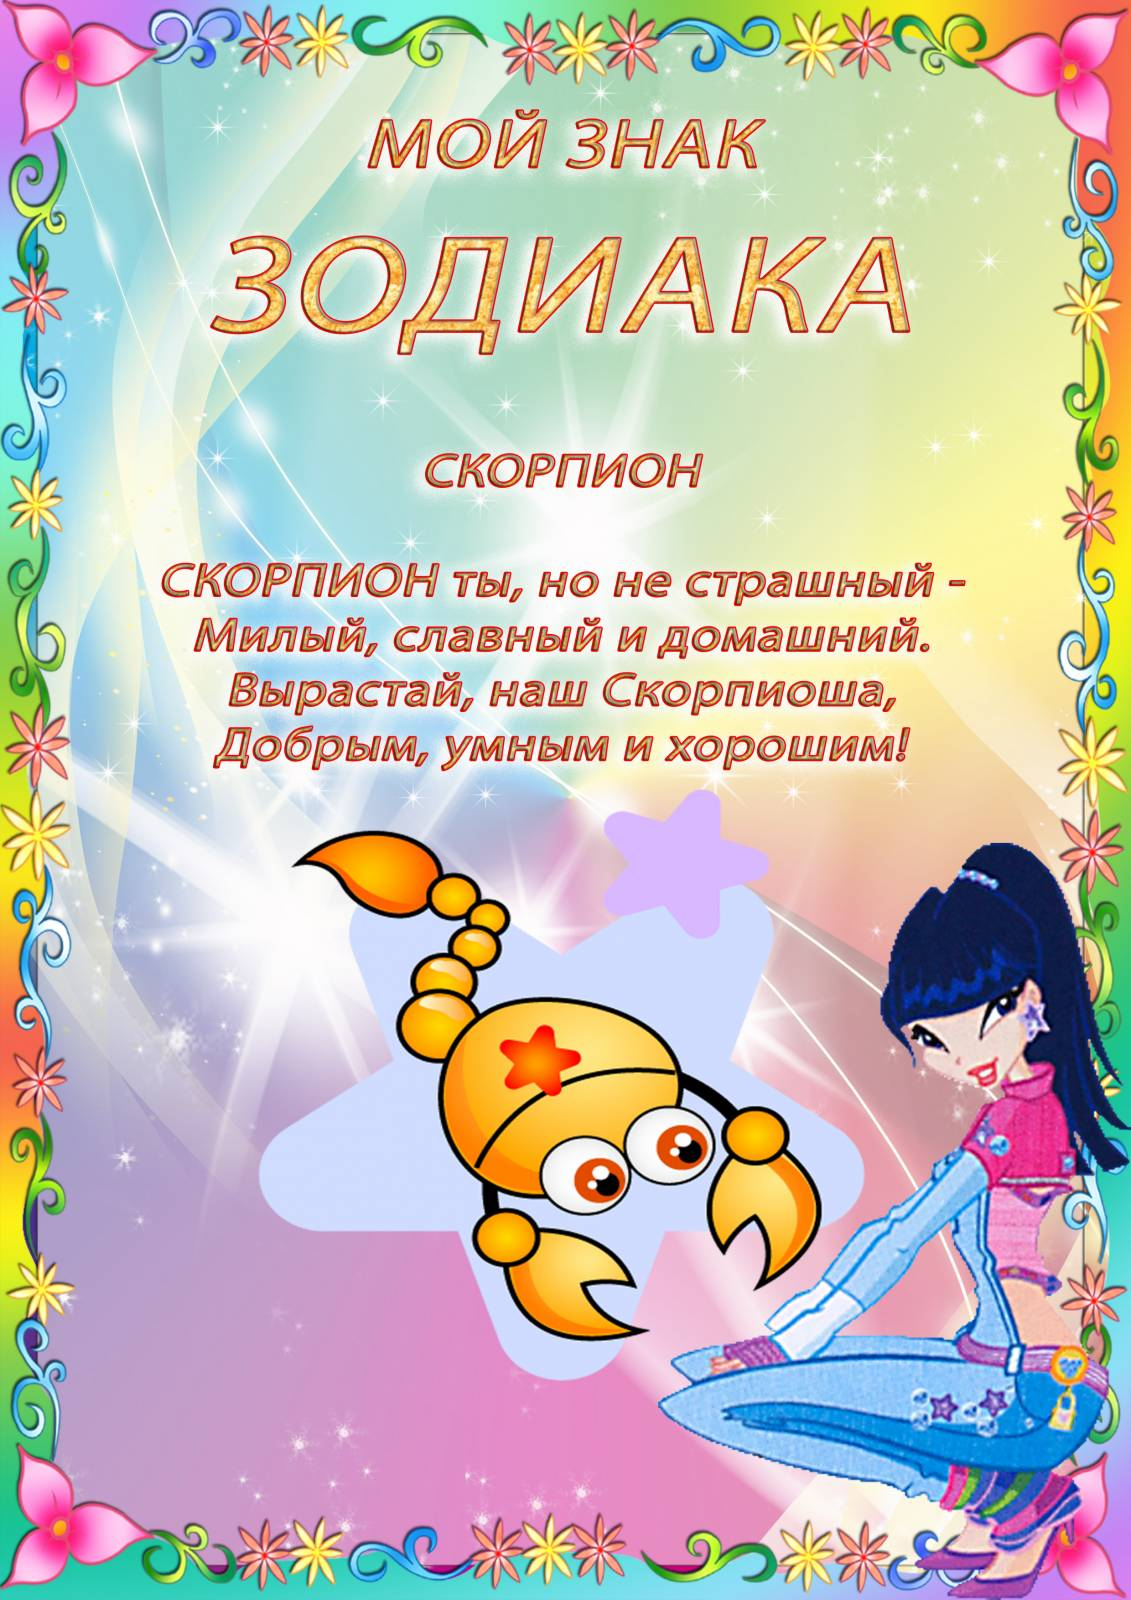 аватар 2 сезон 21 серия: